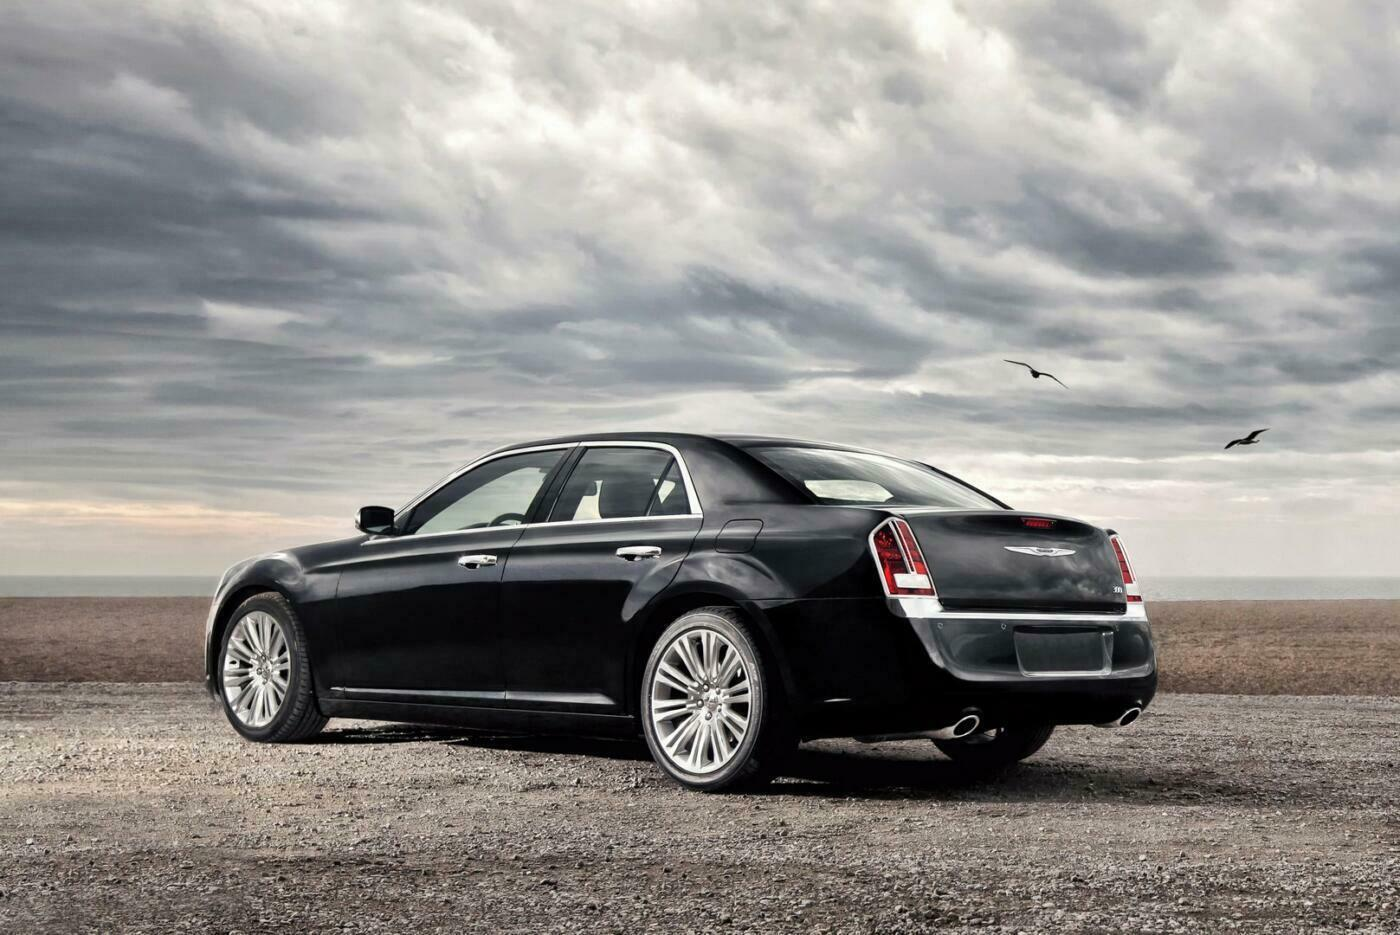 Chrysler 300 continuare proposta Stati Uniti